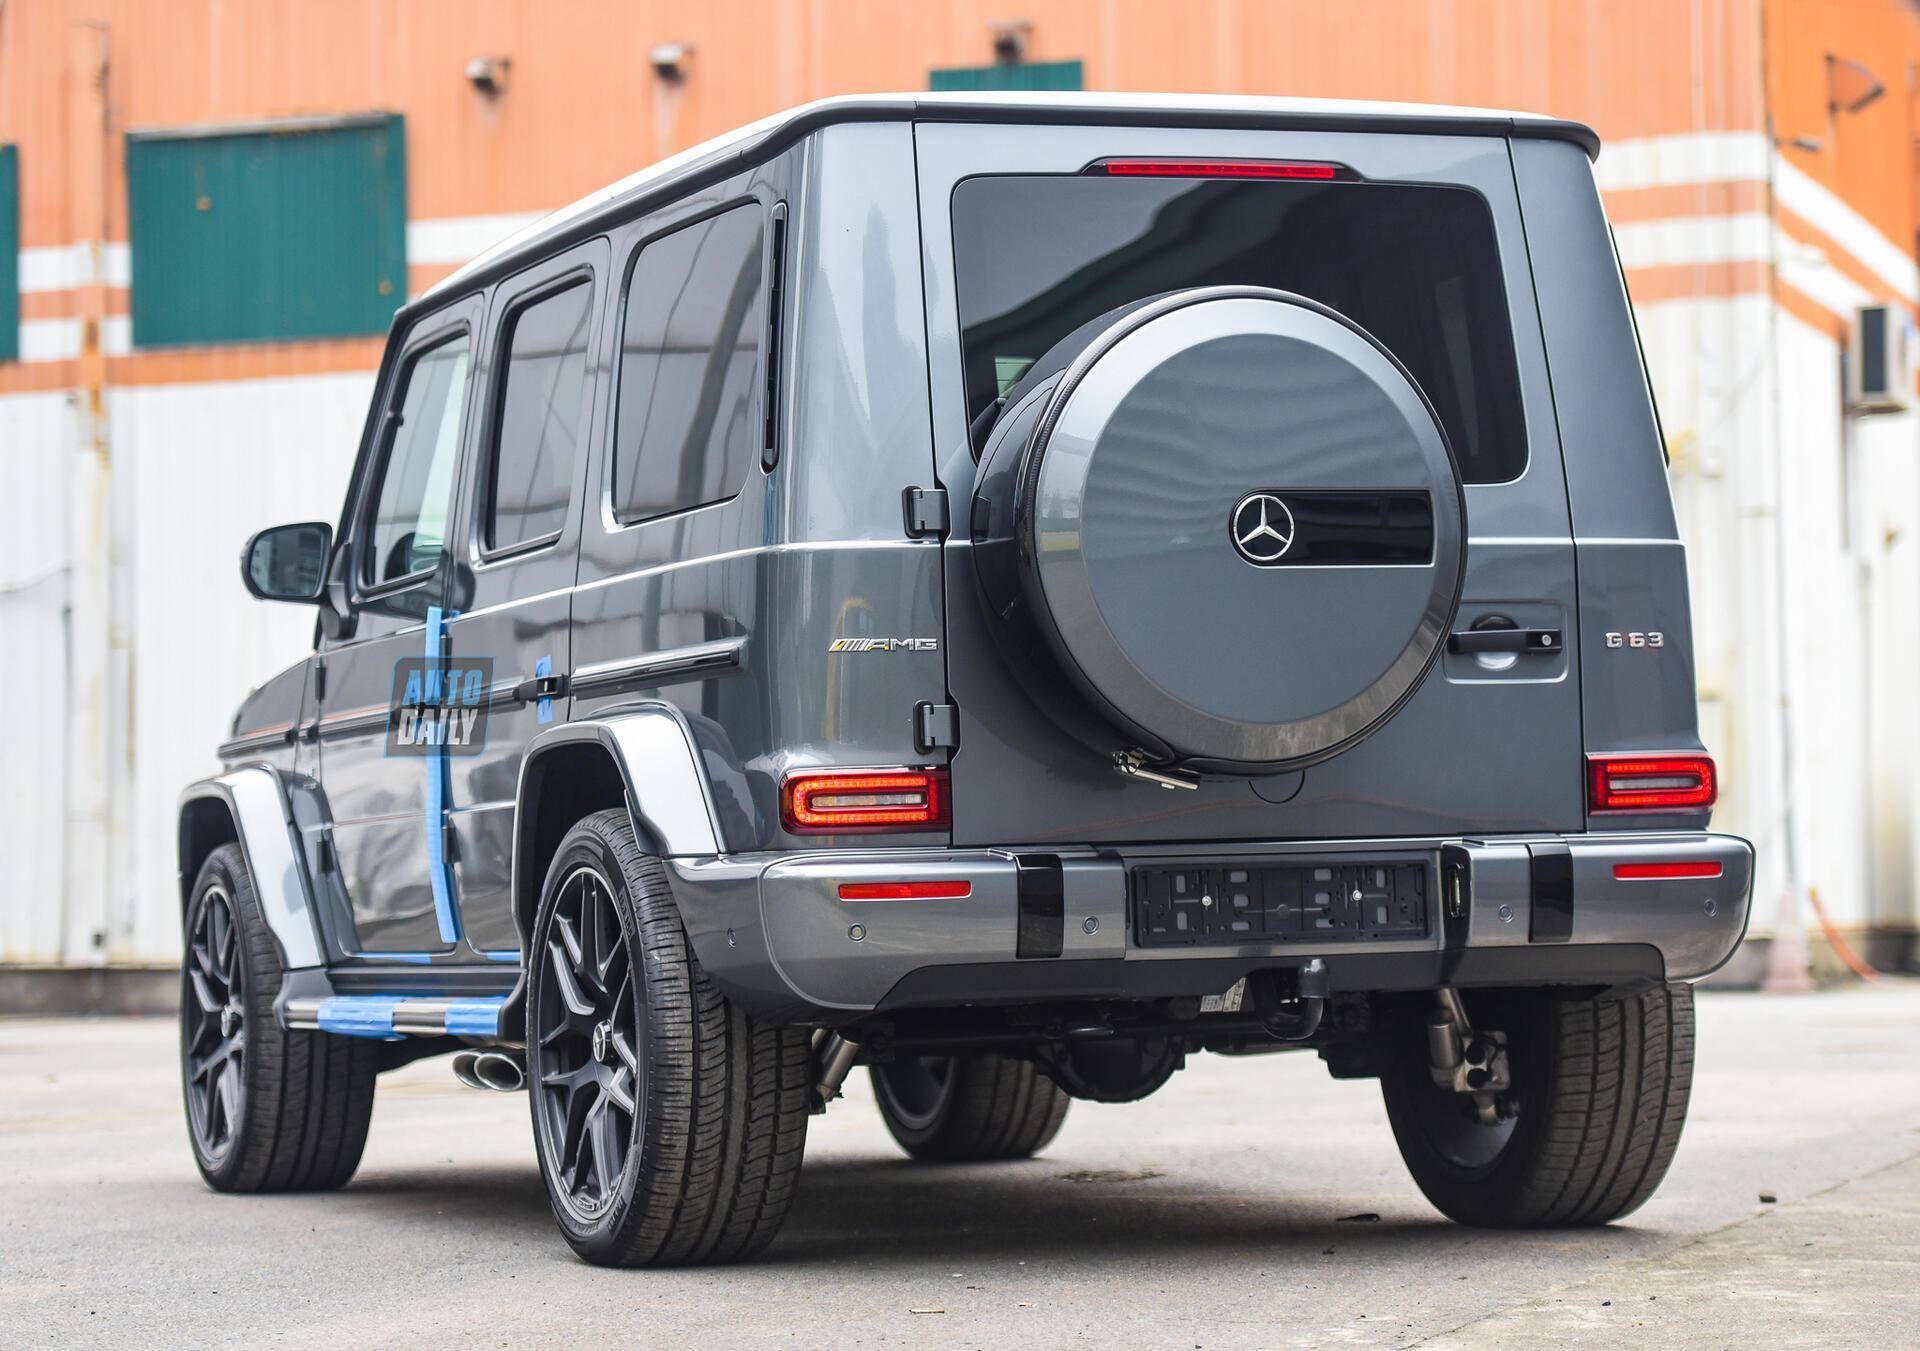 Ảnh chi tiết Mercedes G63 AMG 2021 bản cá nhân hoá giá khoảng 12 tỷ [7]